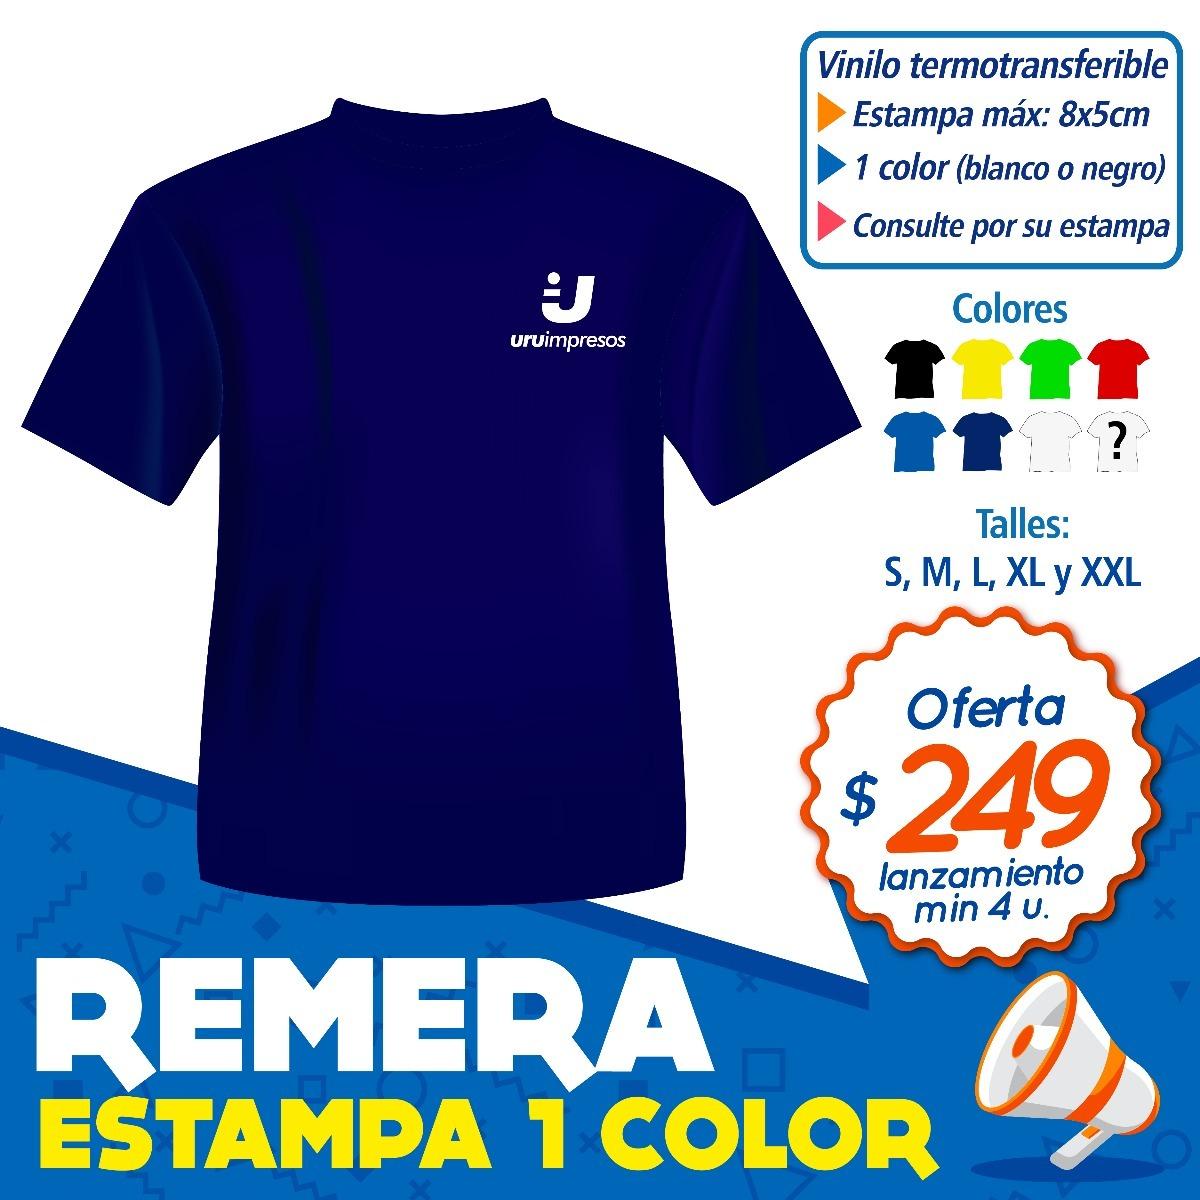 25e6038da946e remera - camiseta personalizada estampada con logo vinilo t. Cargando zoom.